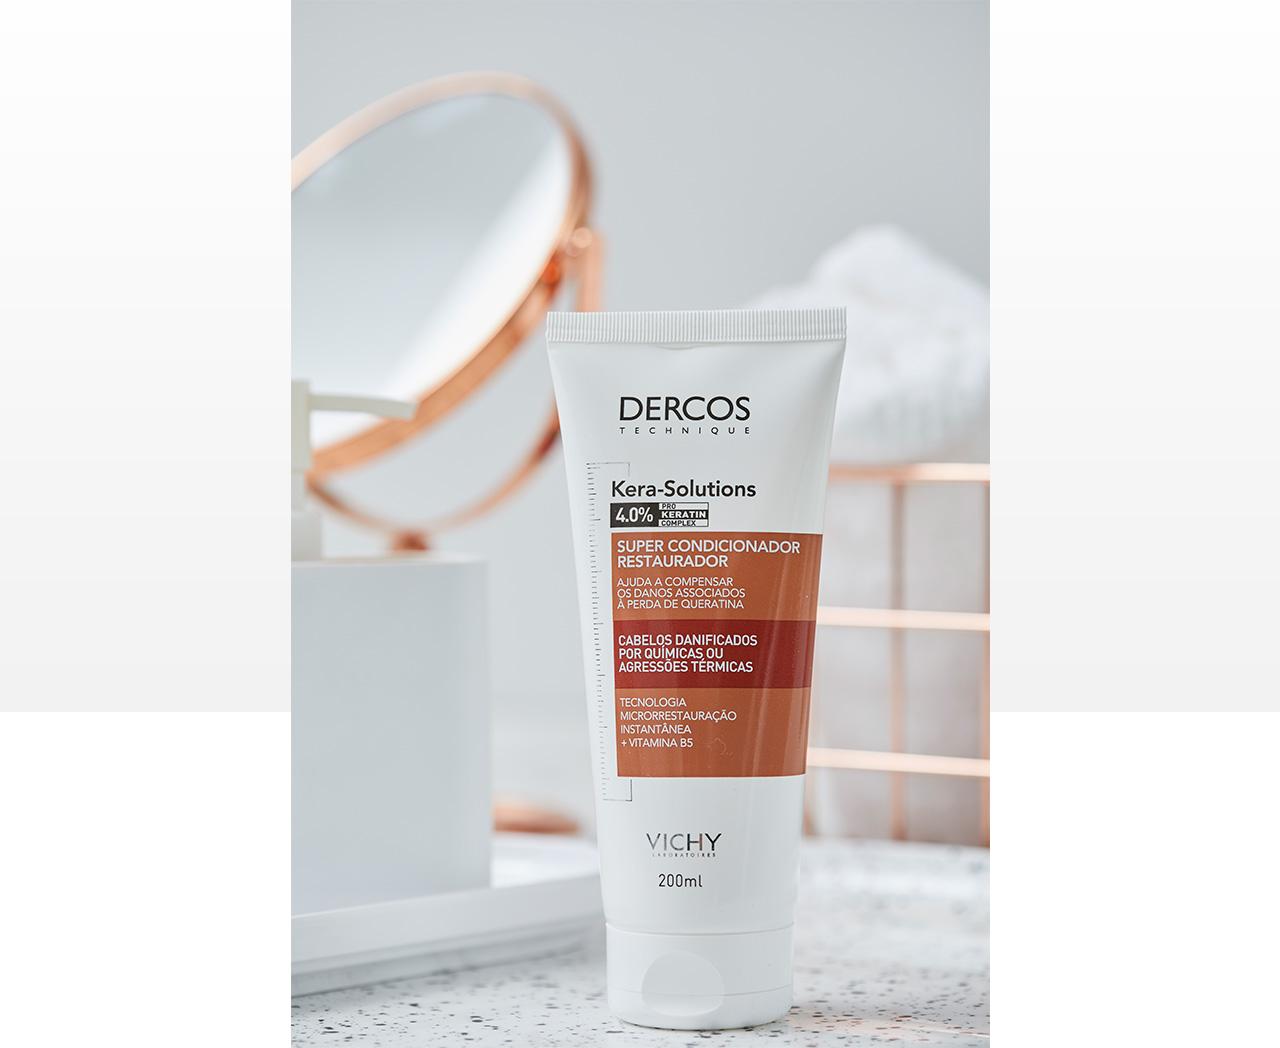 Dercos Kera-Solutions Máscara Reparadora – 200ml